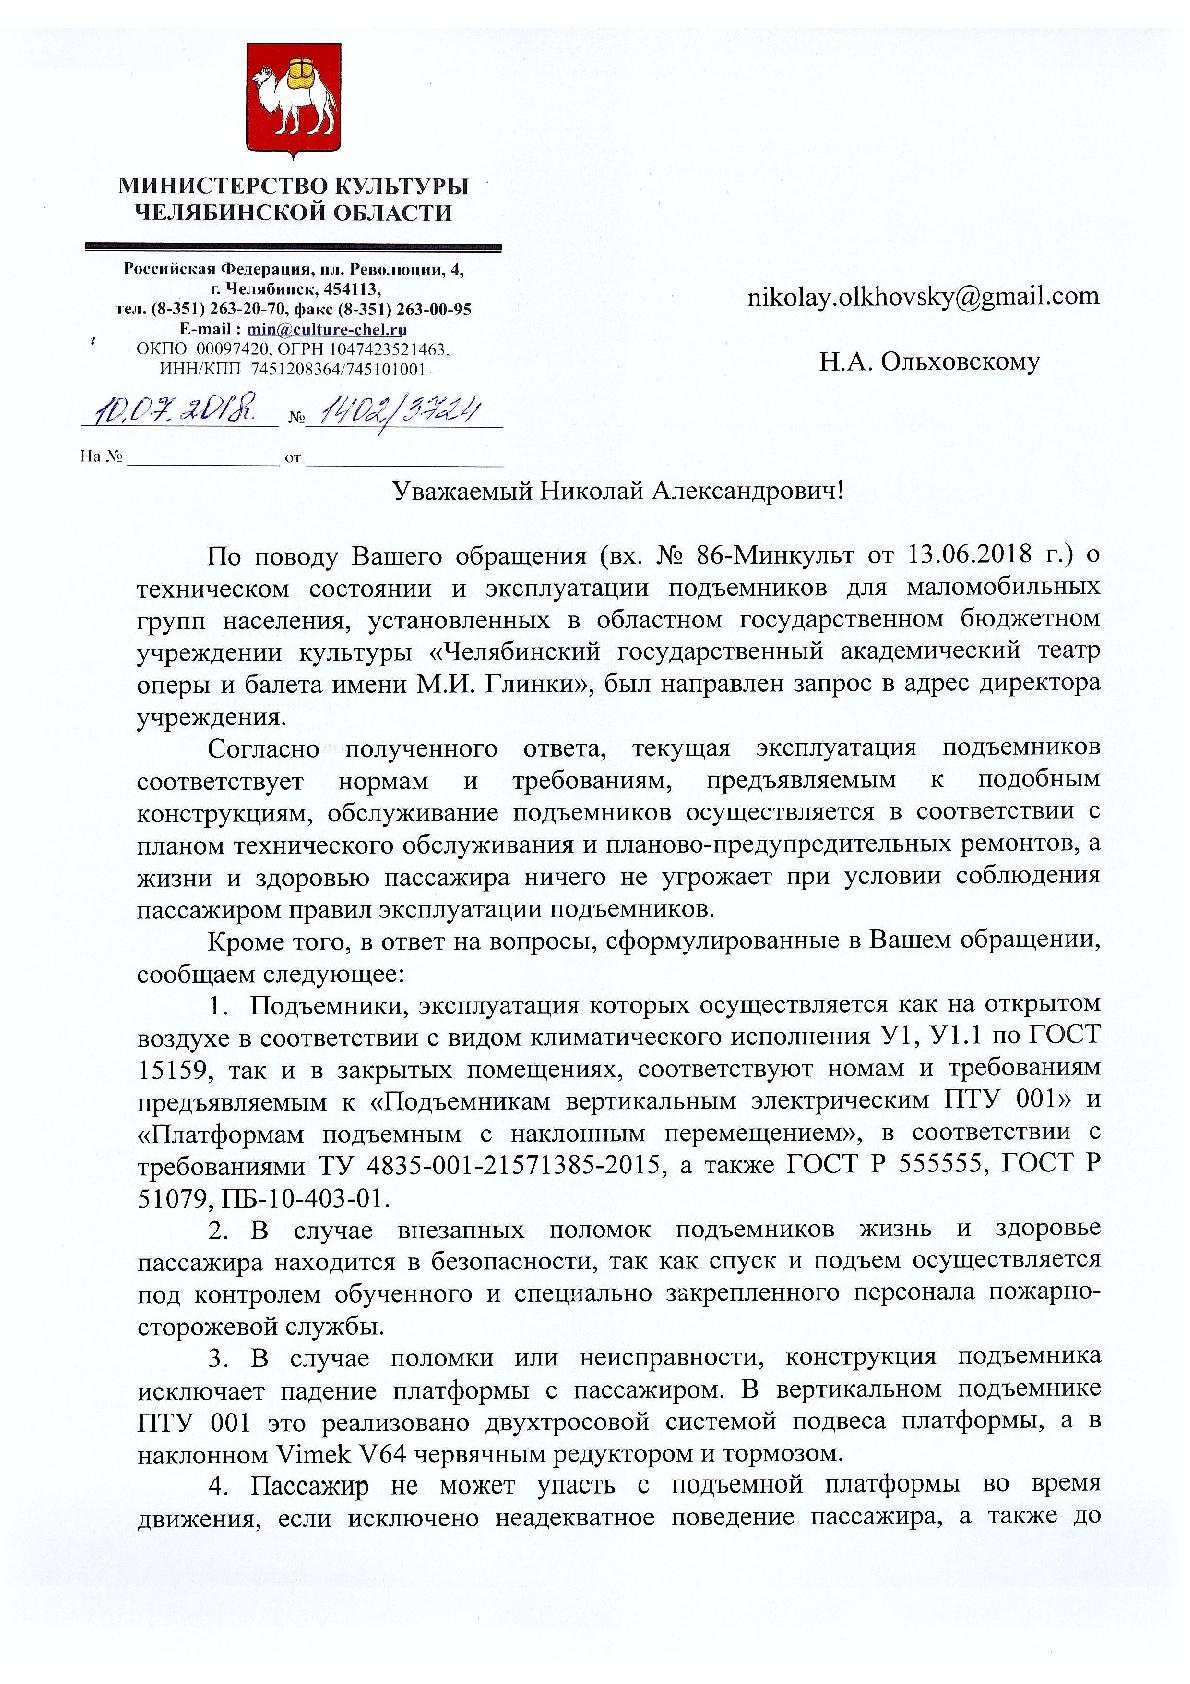 юридическая консультация министерства